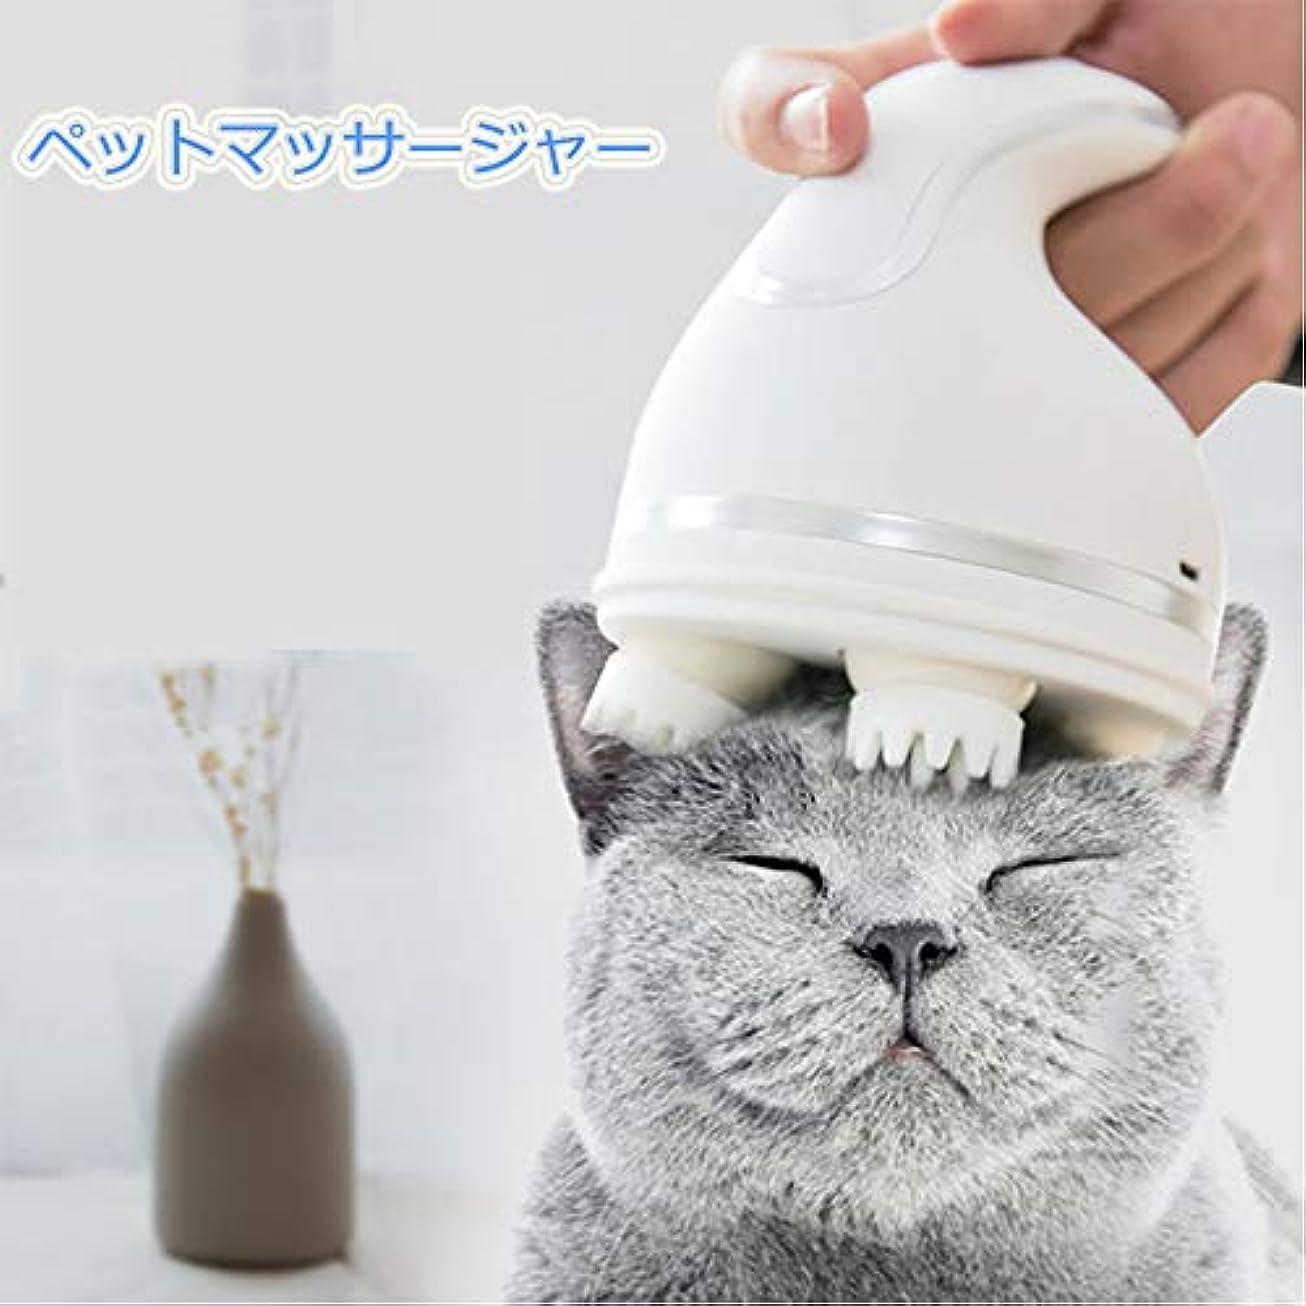 噴火国内のデマンドペットマッサージャー 猫マッサージ ヘッドマッサージャー 電動 ヘッドマッサージ器 猫マッサージ器 多機能 ヘッドスパ 発毛促進 血液の循環を促進する USB充電 ペット用品 ペットマッサージ